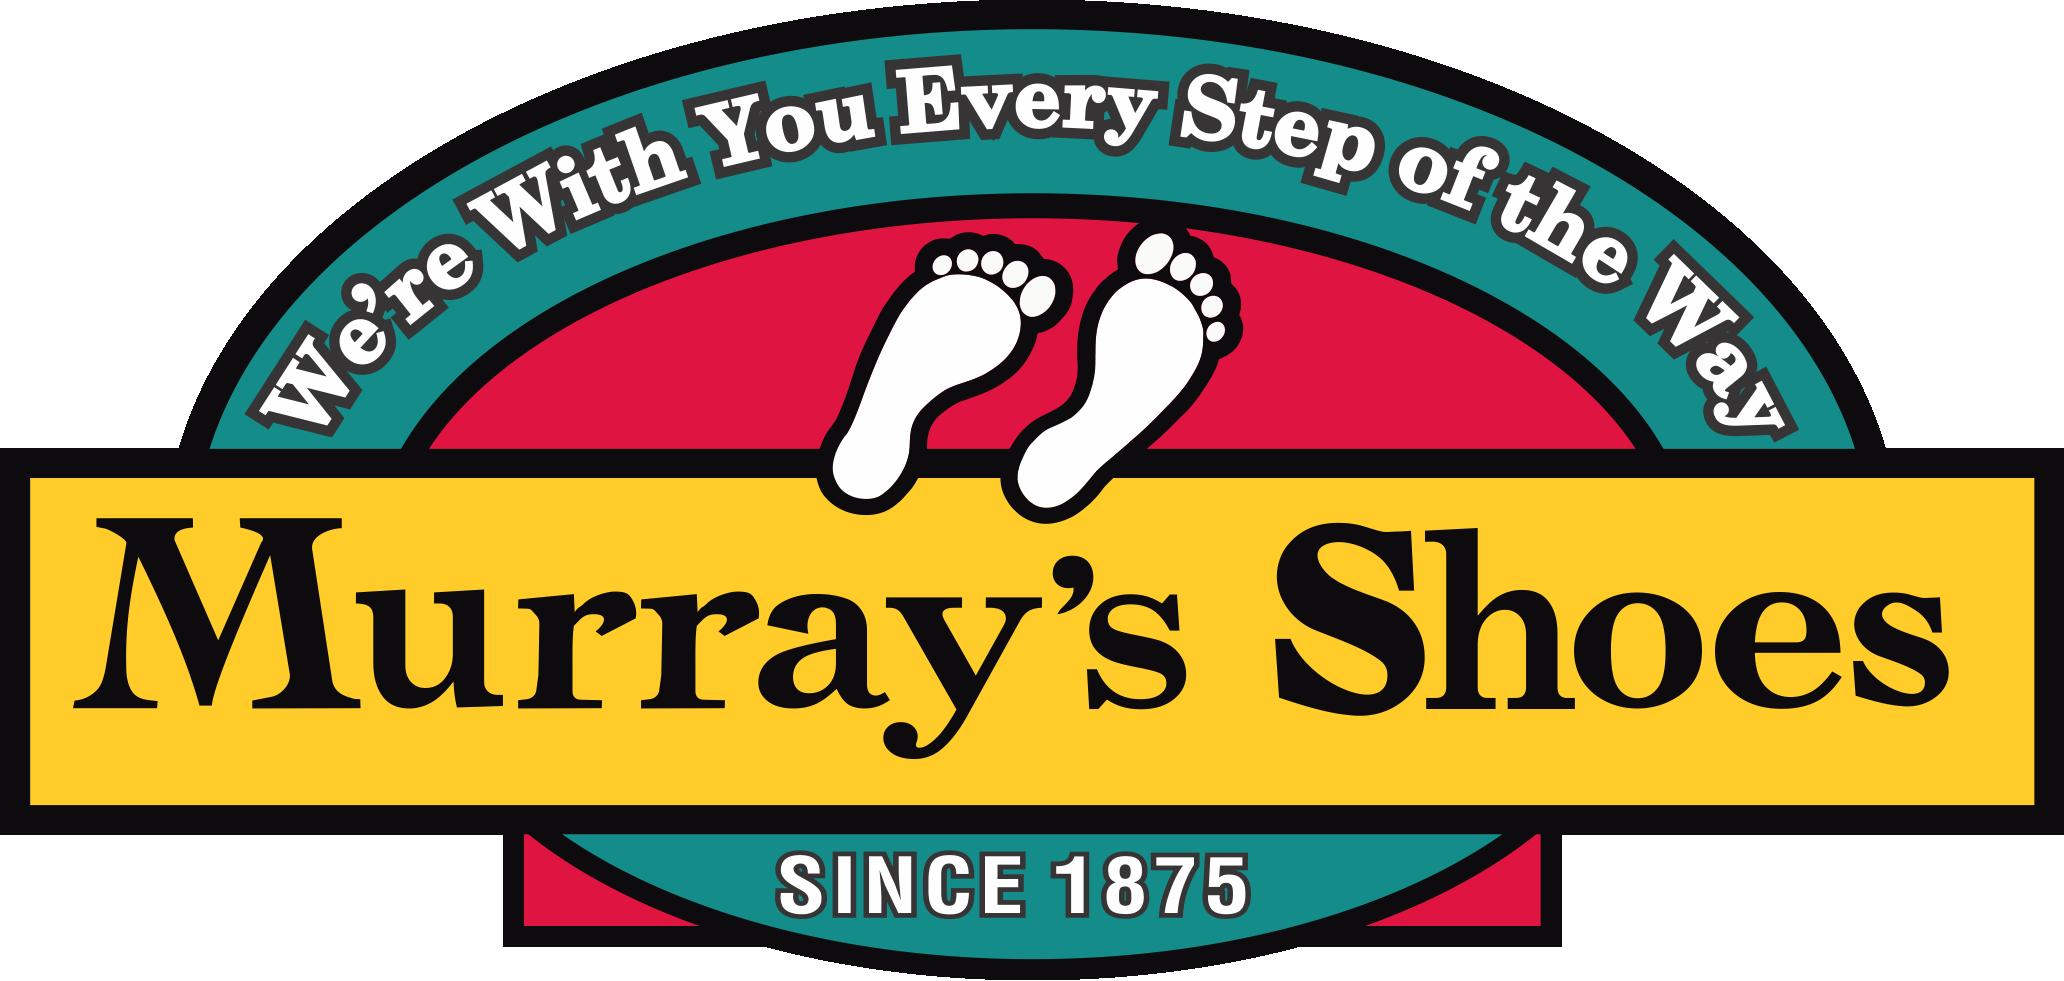 Murray's Shoes | athletic shoe store | birkenstock store | Bloomington, IL  | pantagraph.com